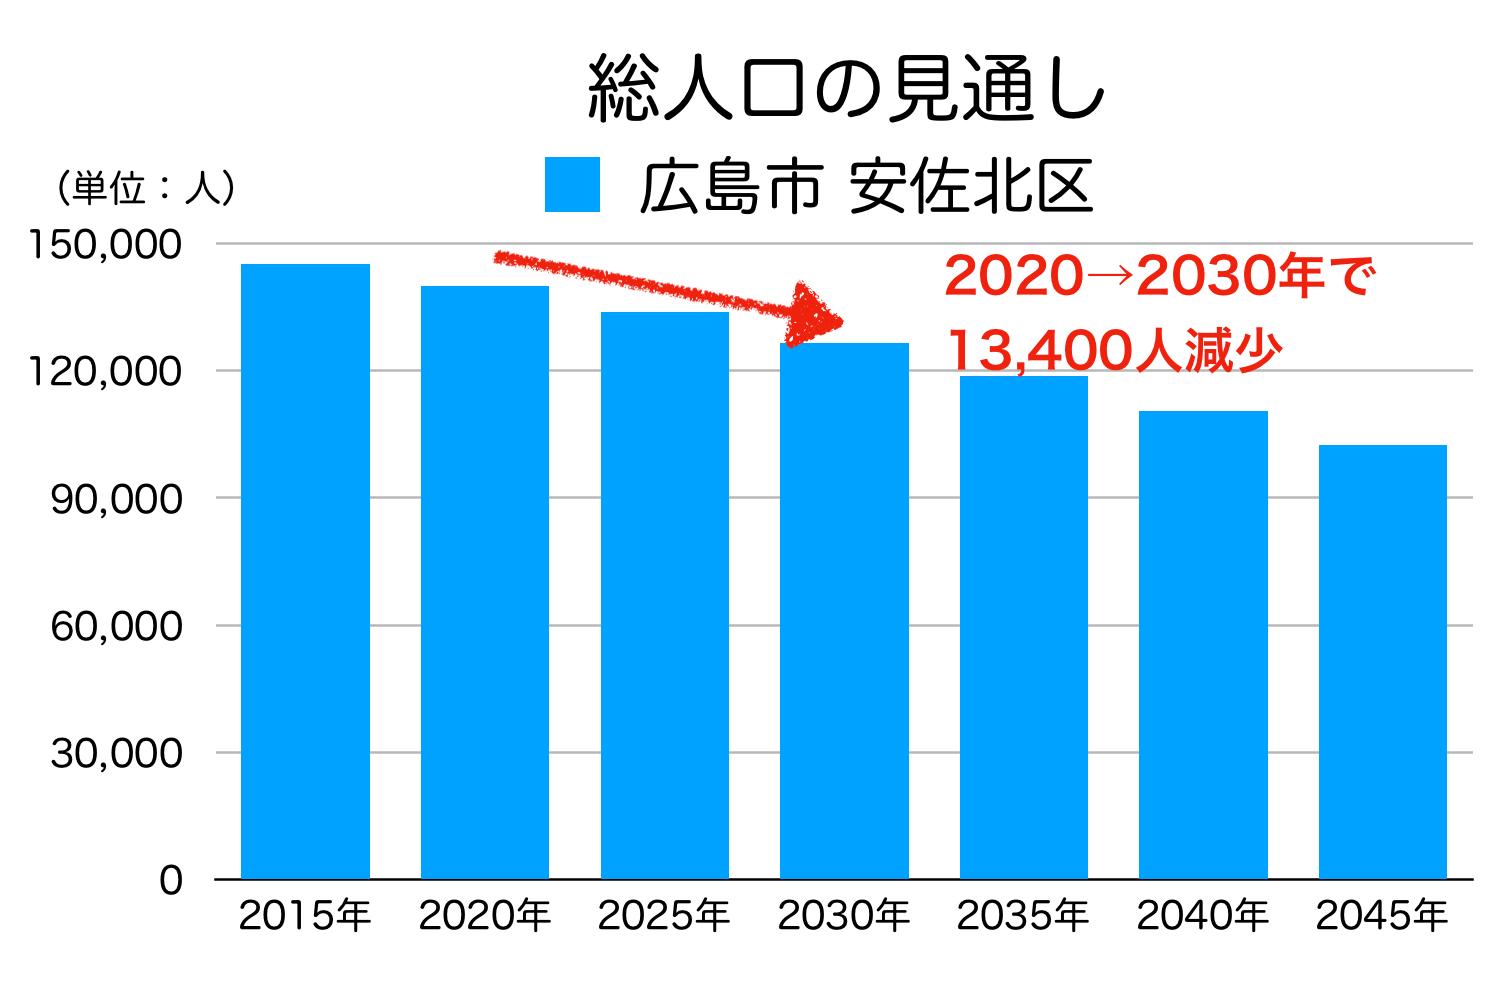 広島市安佐北区の人口予測